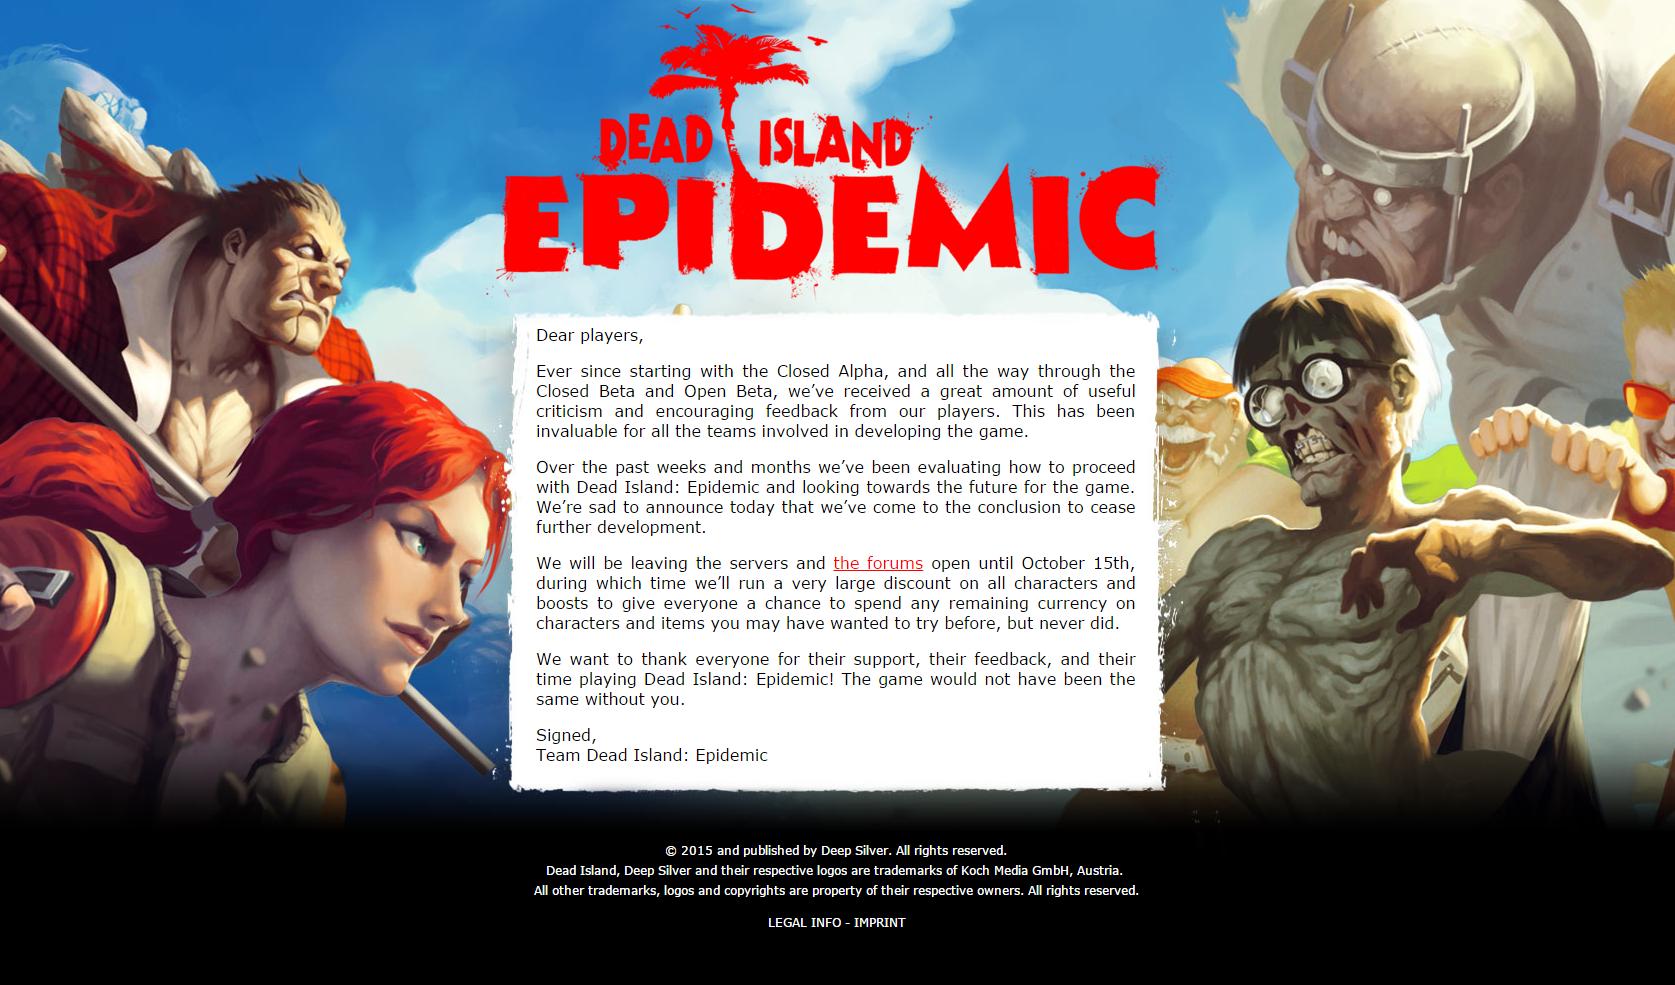 """C'est qui ce """"Team Dead Island : Epidemic"""" que je lui pète les rotules ?"""